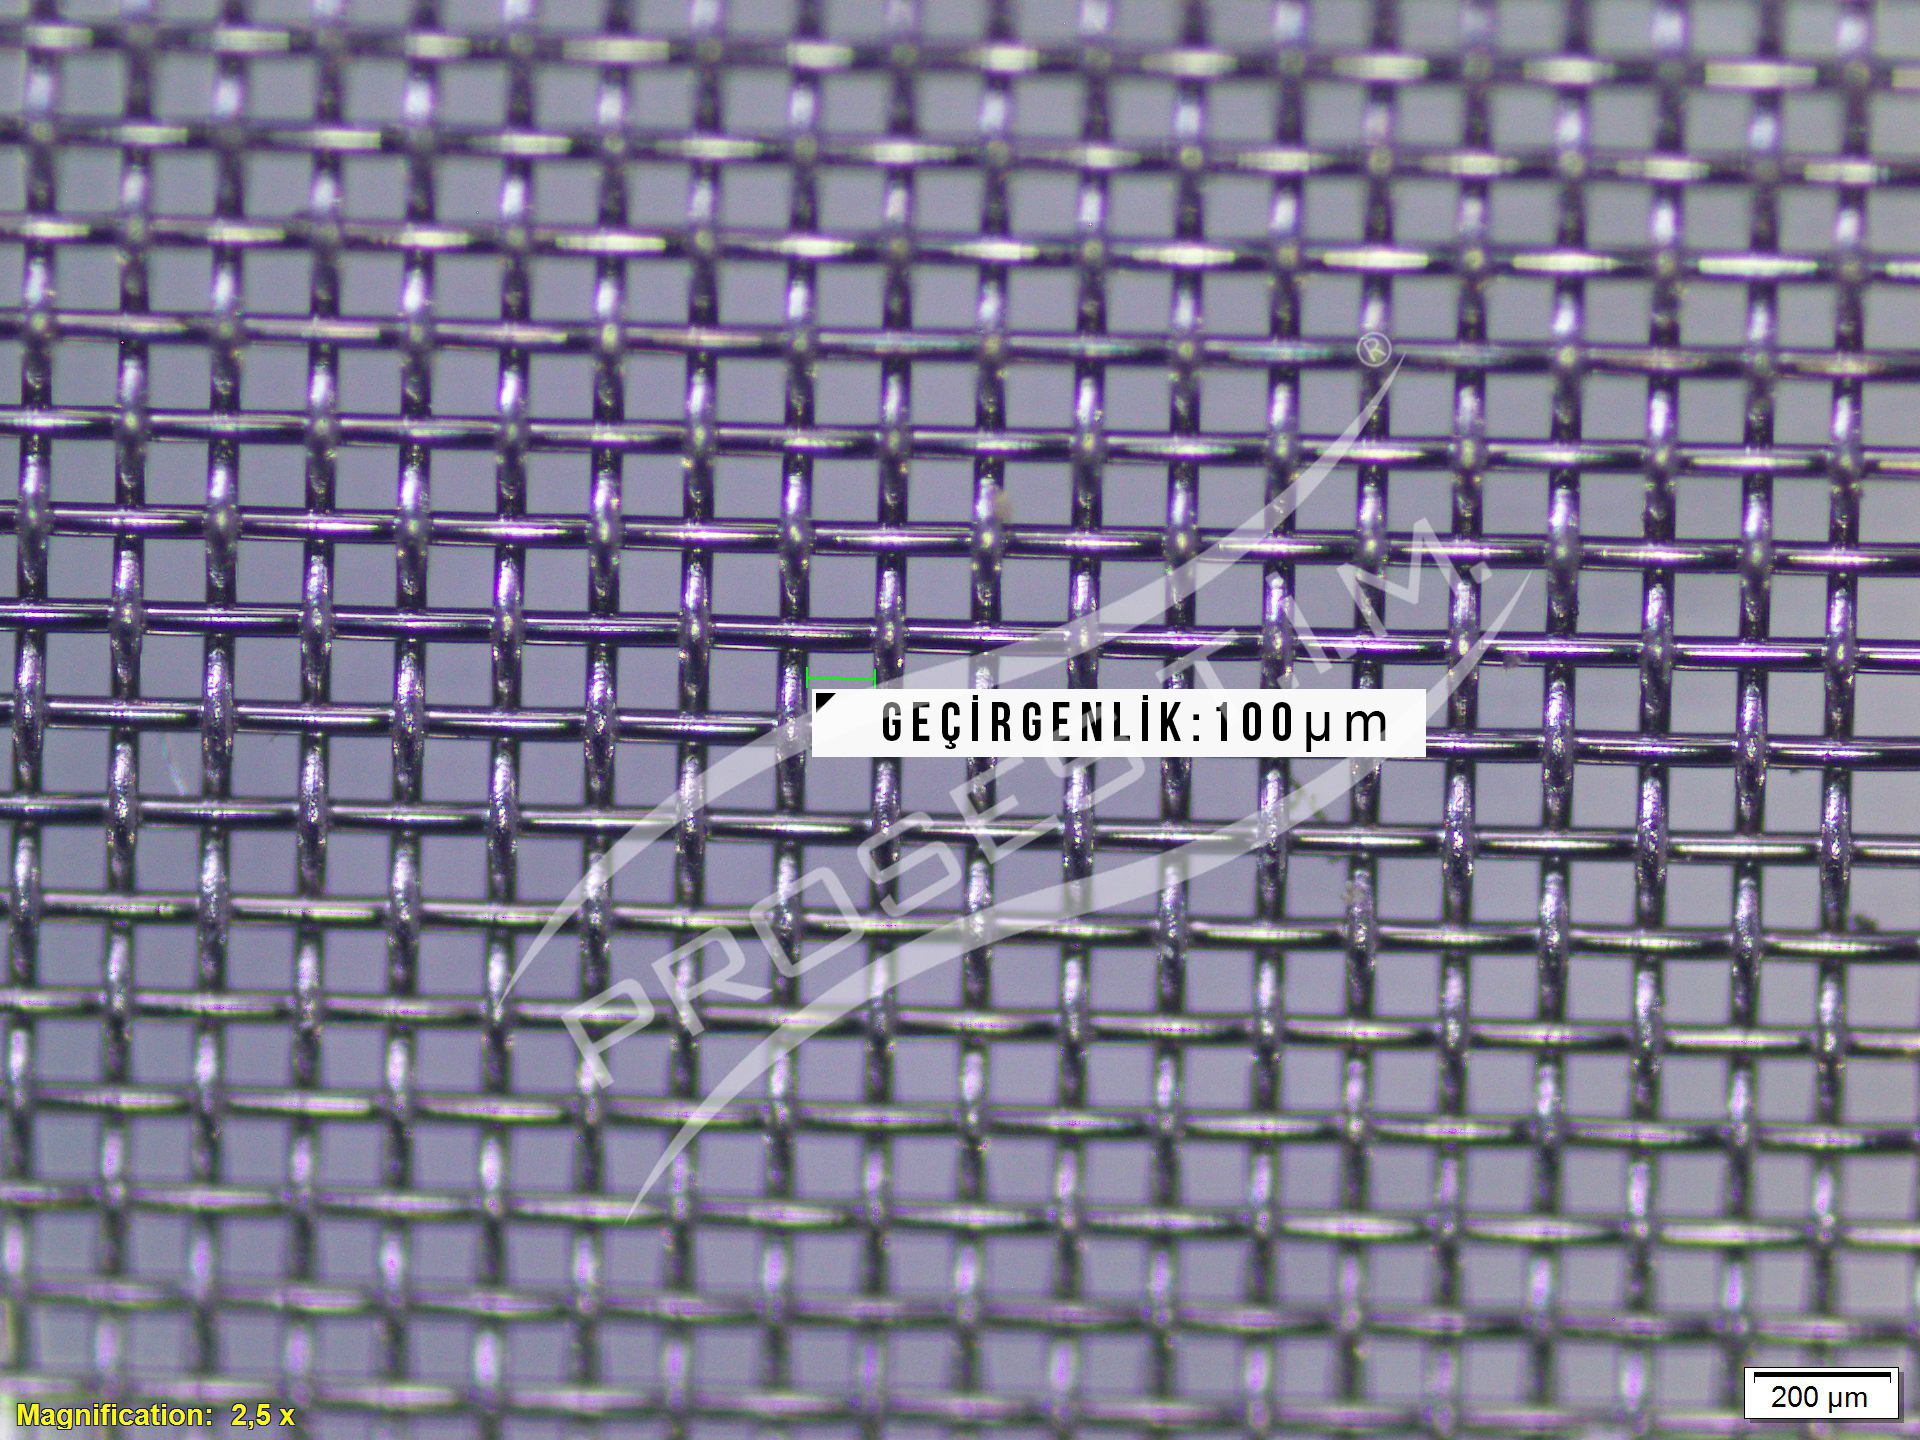 150 Mesh 100 micron Filtre Elek Teli